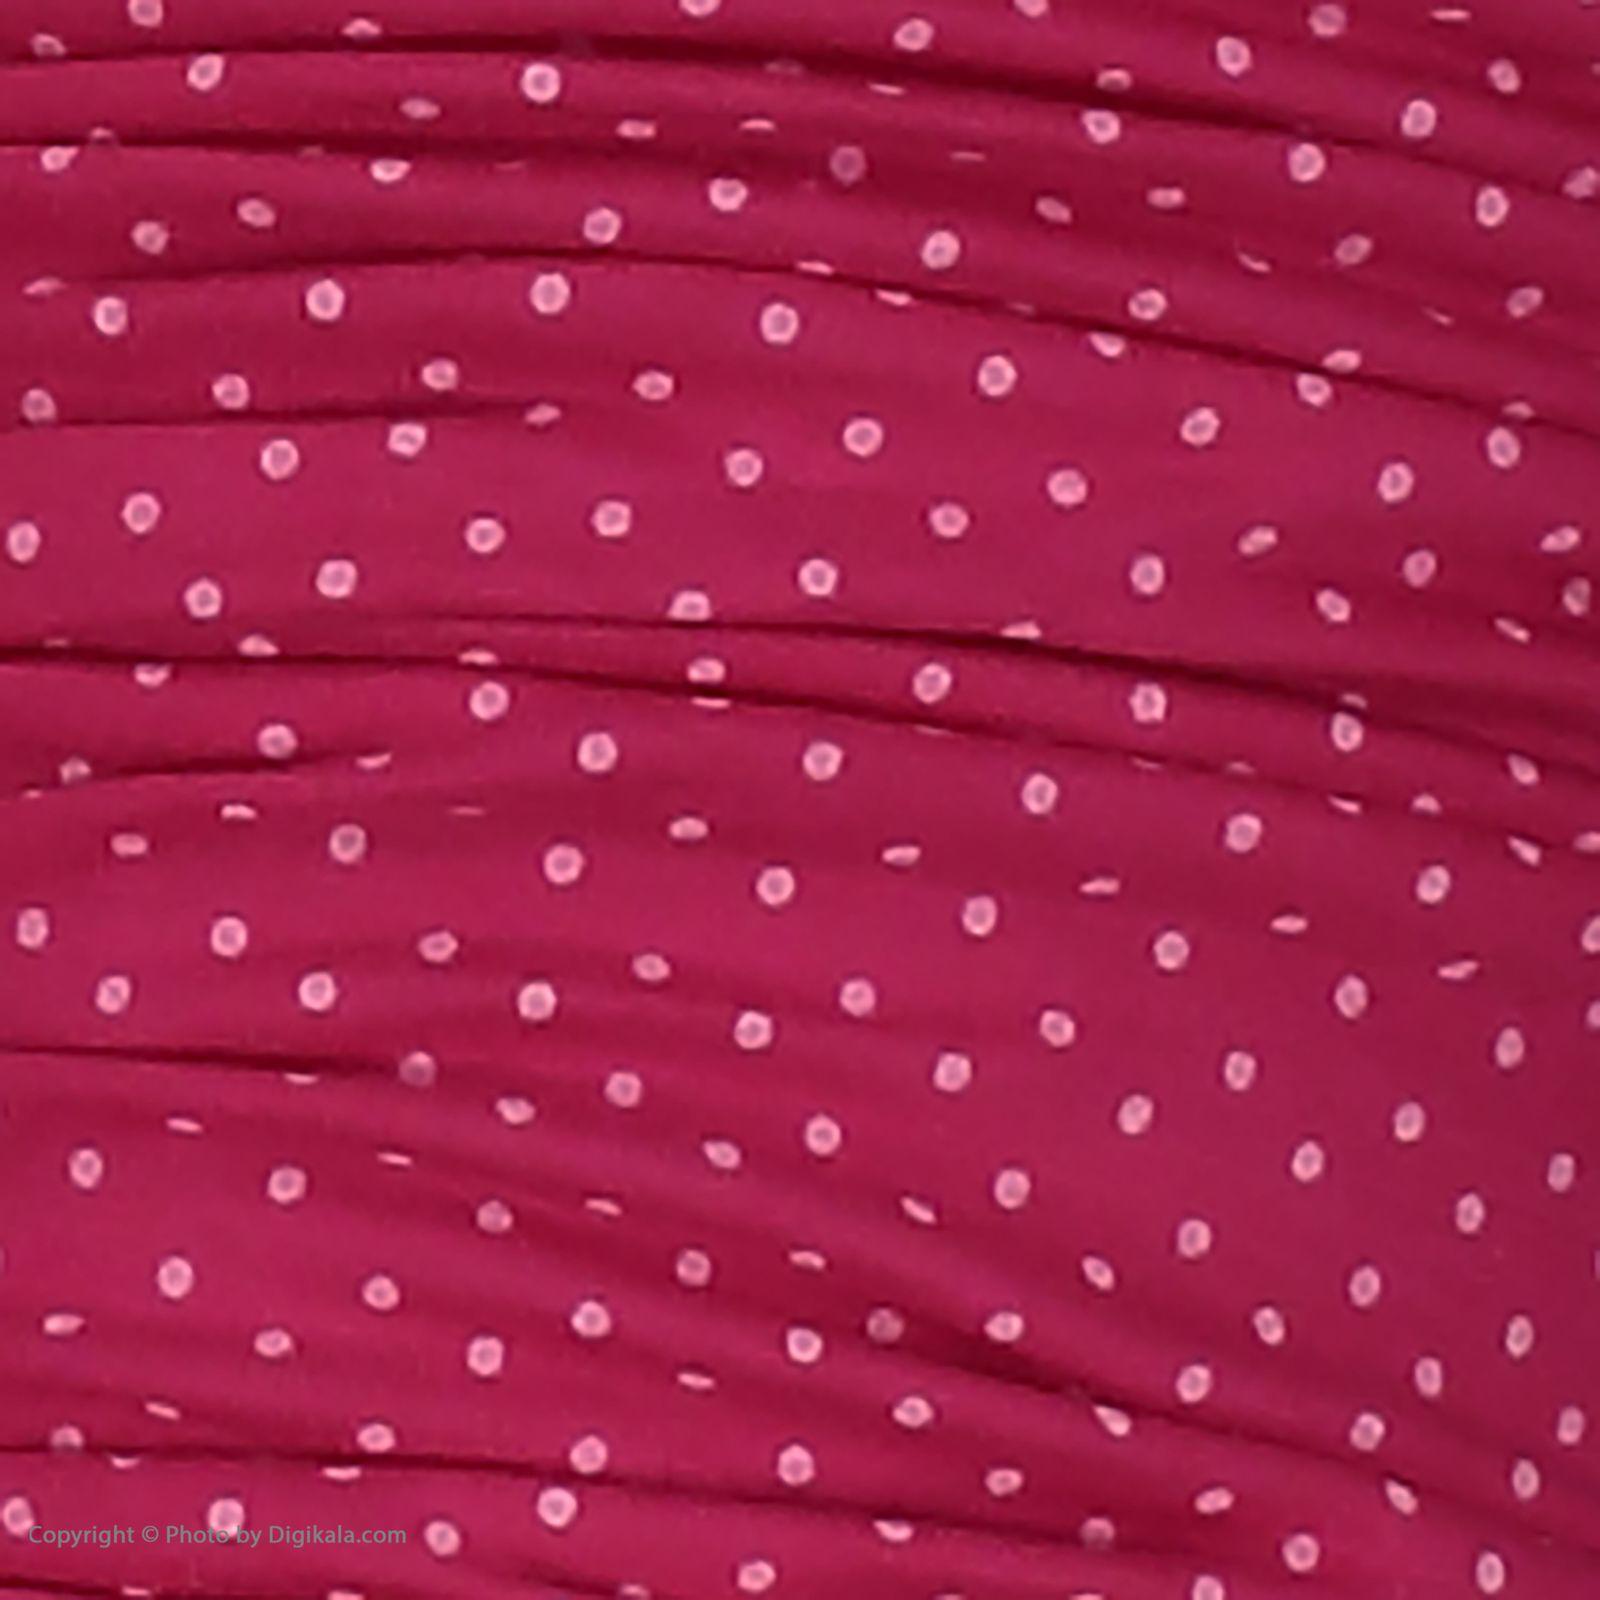 ست تی شرت و شلوار زنانه مادر مدل Billie410-66 -  - 12